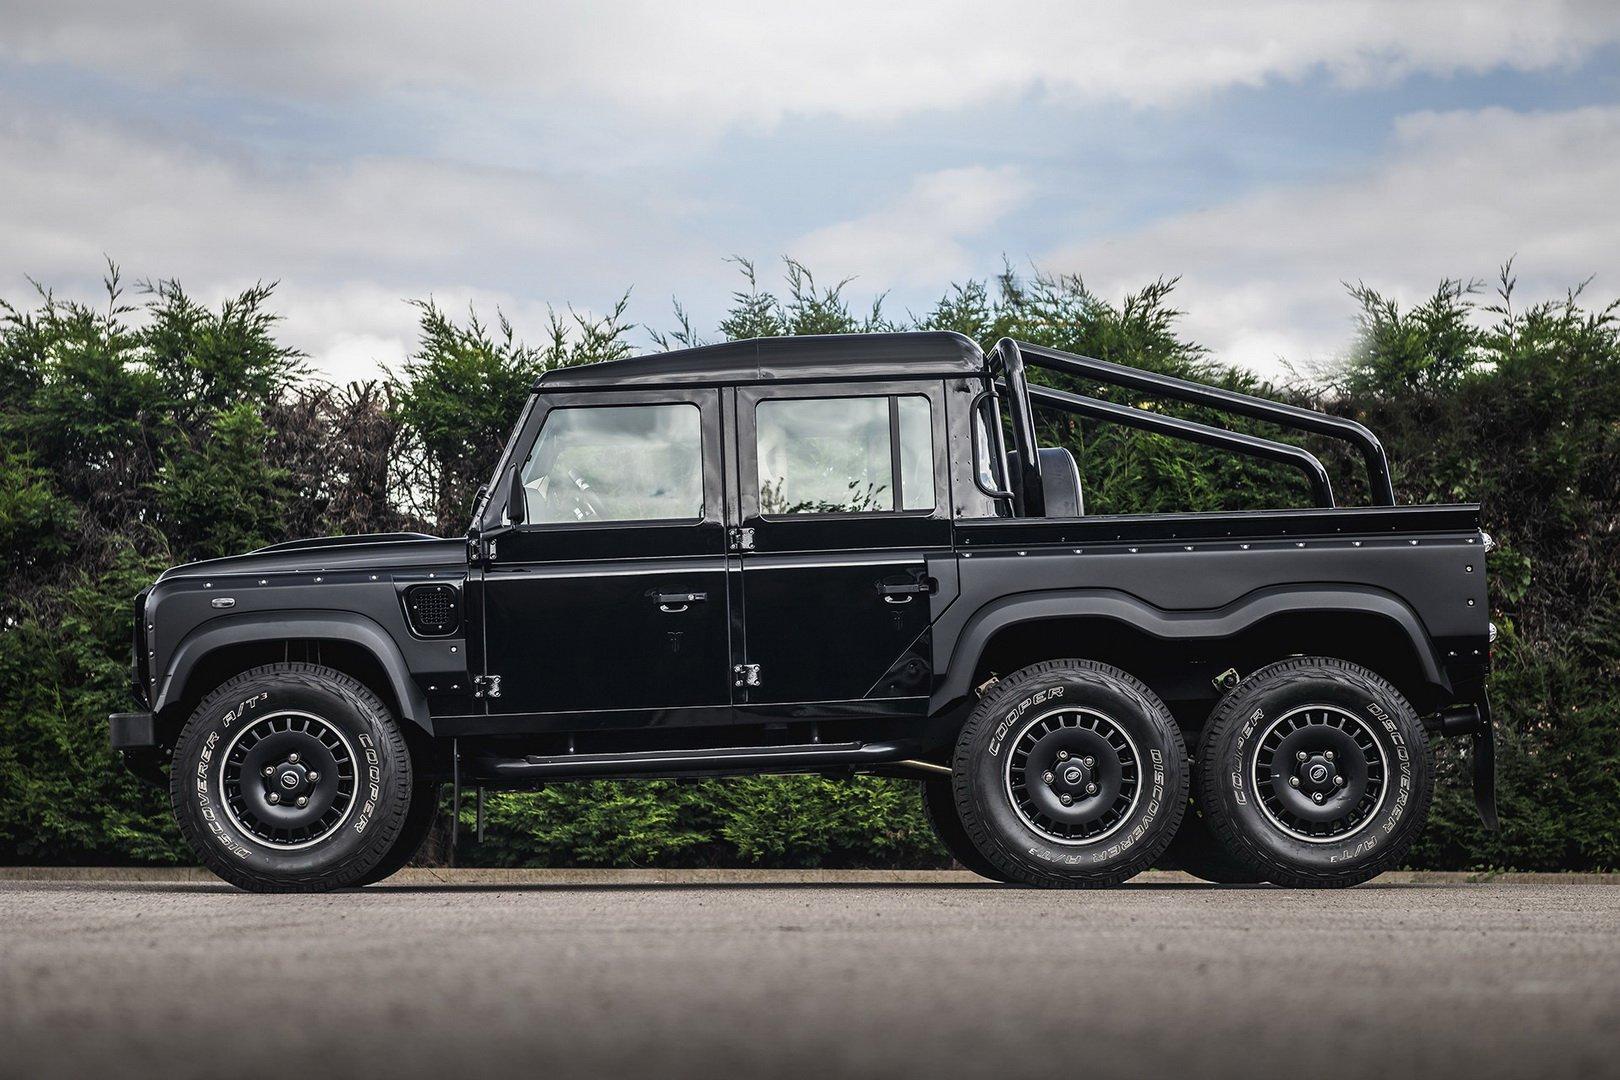 Land-Rover-Defender-Flying-Huntsman-6×6-10